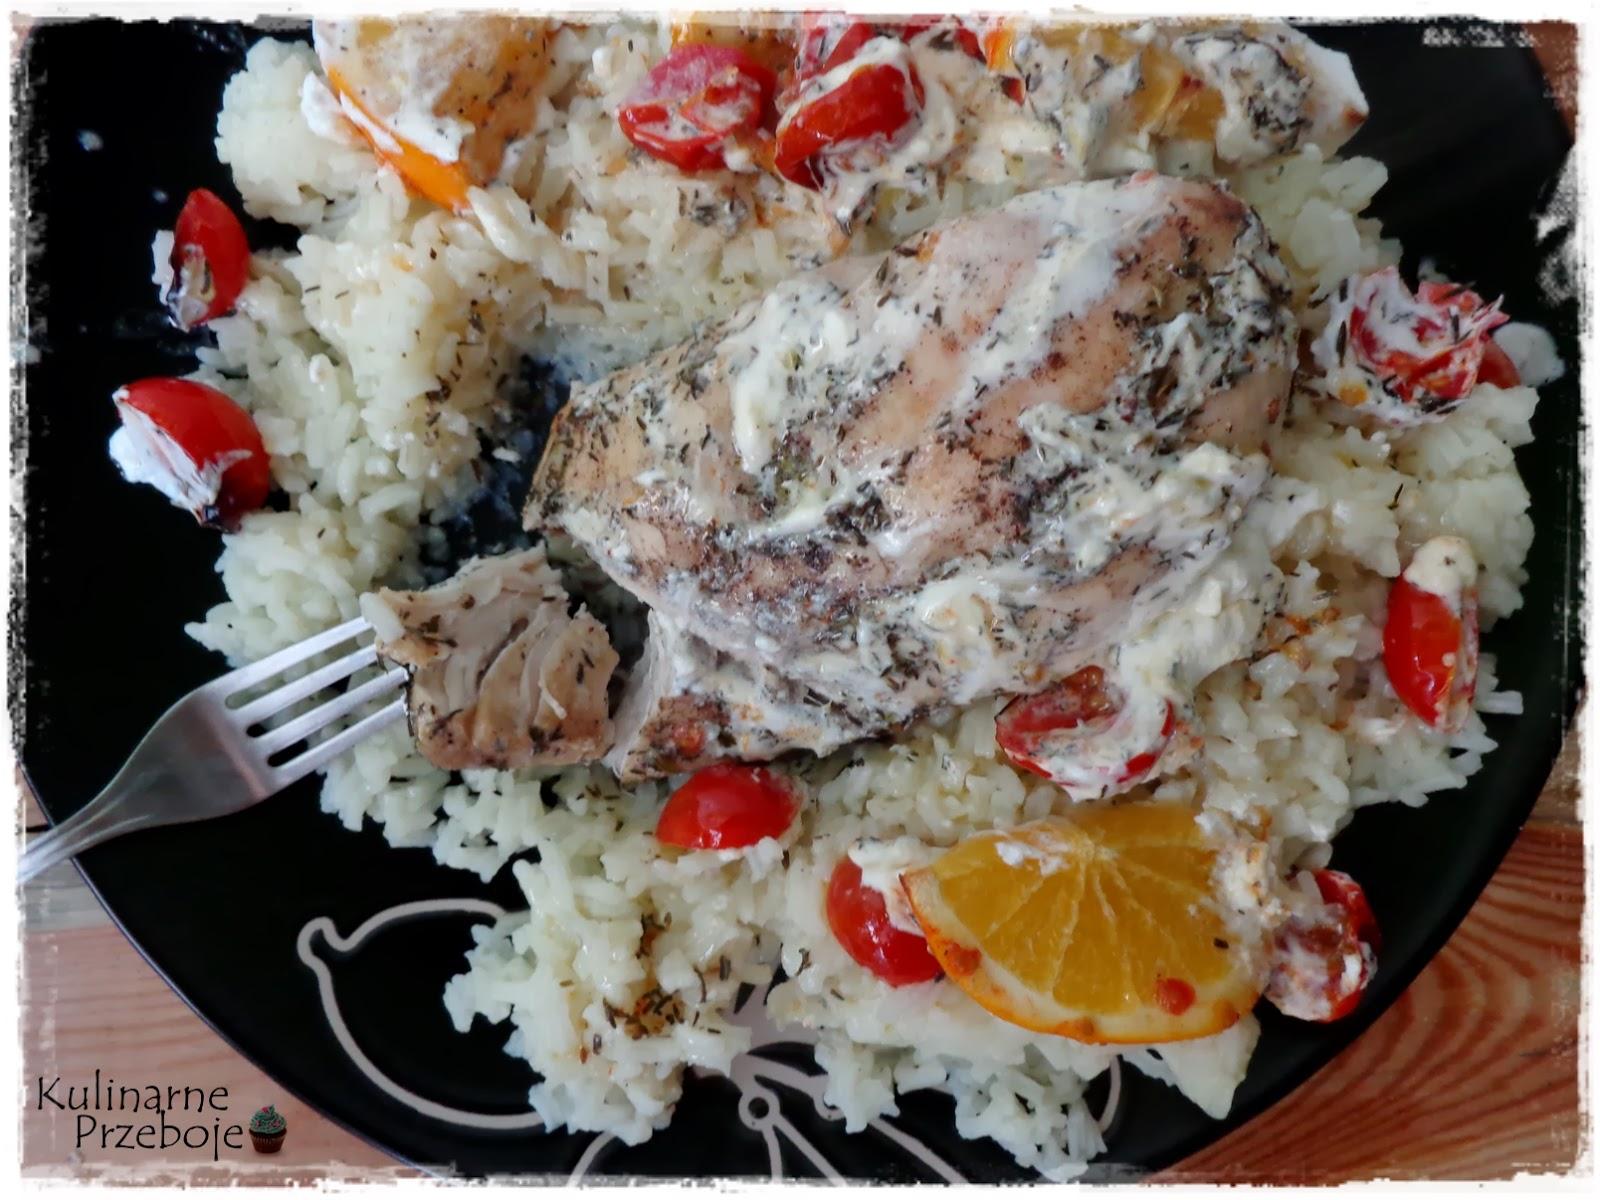 Kurczak zapiekany z kozim serkiem i pomidorkami koktajlowymi